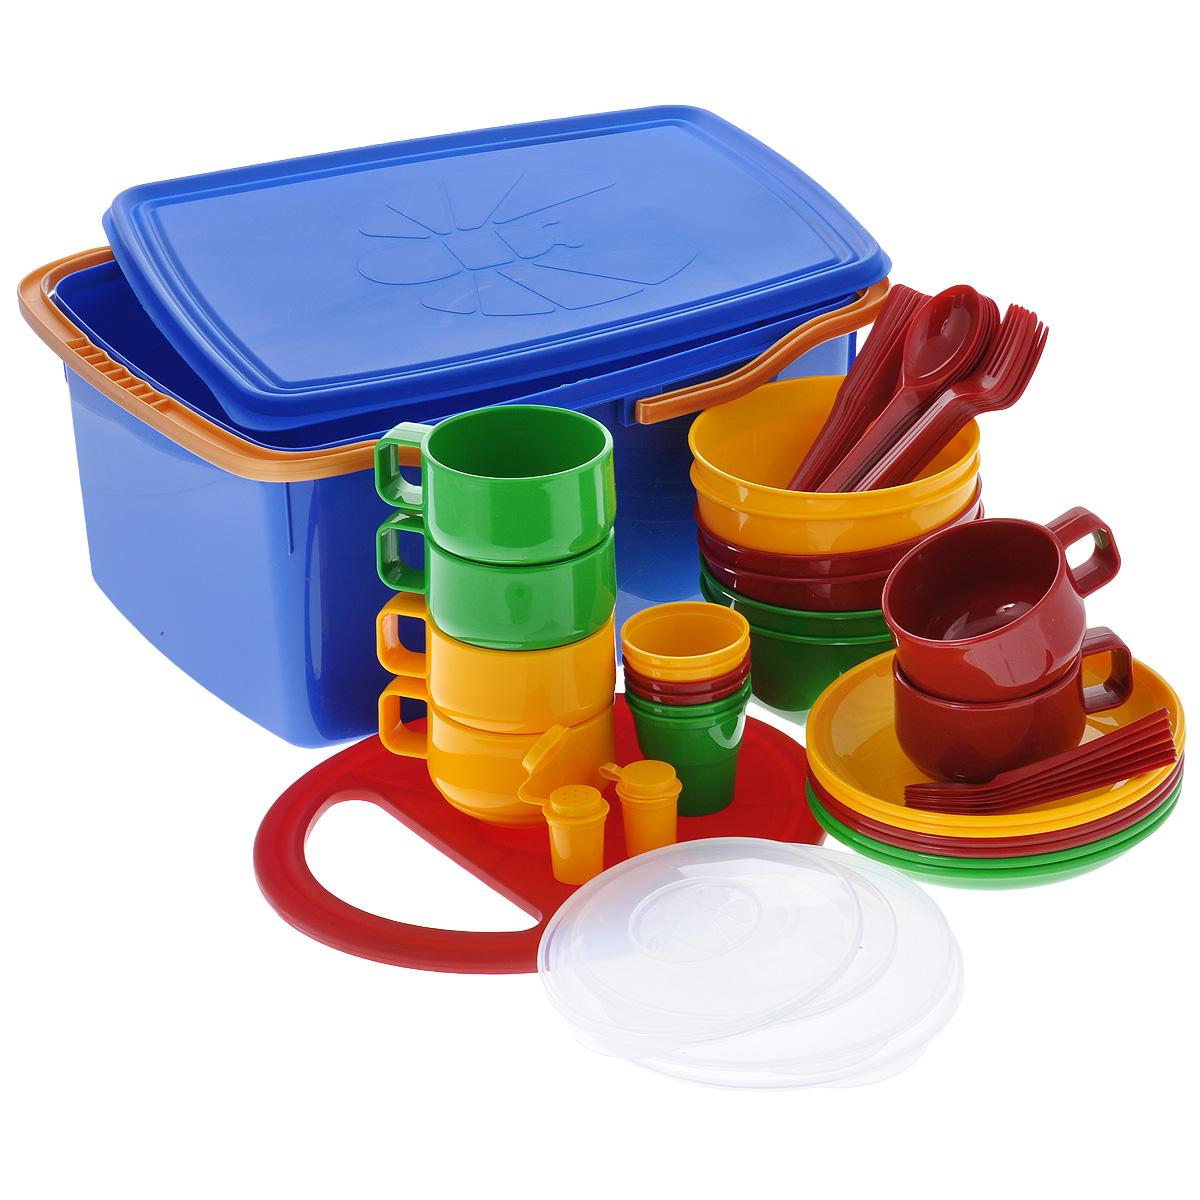 """Набор посуды """"Solaris"""", в контейнере, на 6 персон S1602"""